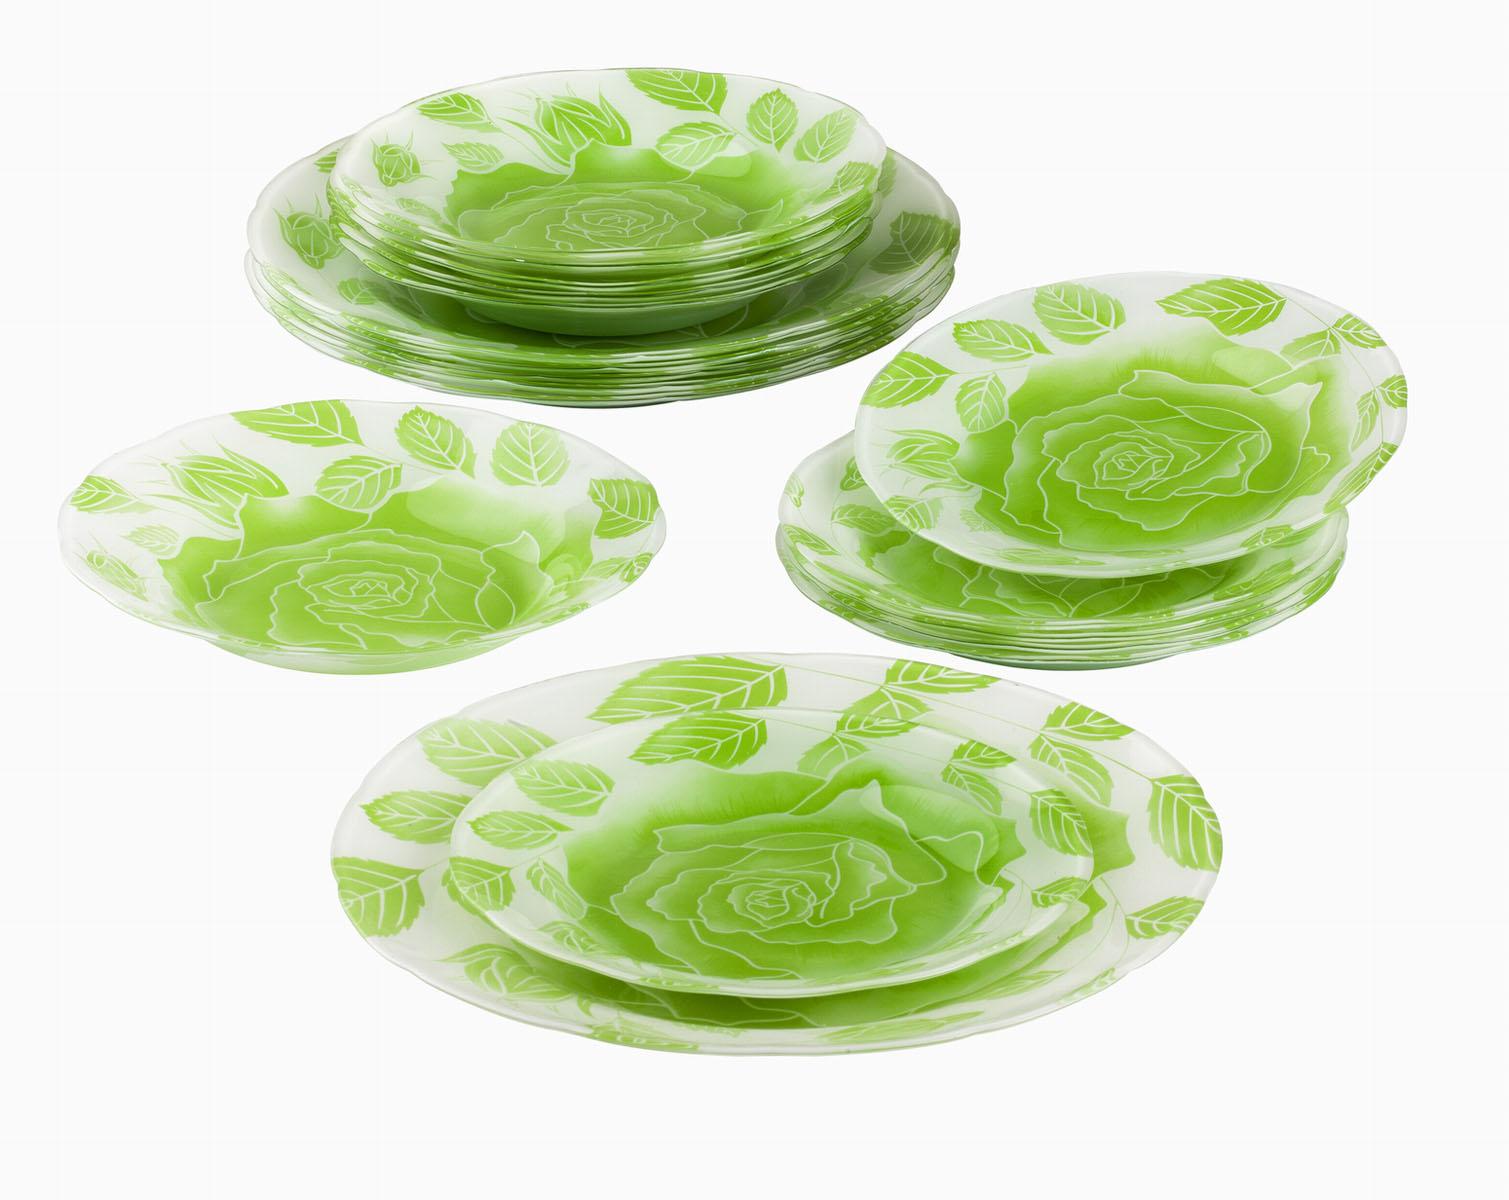 Сервиз обеденный Bekker Koch, 18 предметов. BK-9905BK-9905Обеденный сервиз Bekker Koch, изготовленный из высококачественного стекла, состоит из 6 суповых тарелок, 6 обеденных тарелок и 6 десертных тарелок. Изделия декорированы ярким изображением цветов и листьев. Такой сервиз придется по вкусу любителям классики, и тем, кто предпочитает утонченность и изысканность. Набор эффектно украсит стол к обеду, а также прекрасно подойдет для торжественных случаев. Не рекомендуется мыть в посудомоечной машине.